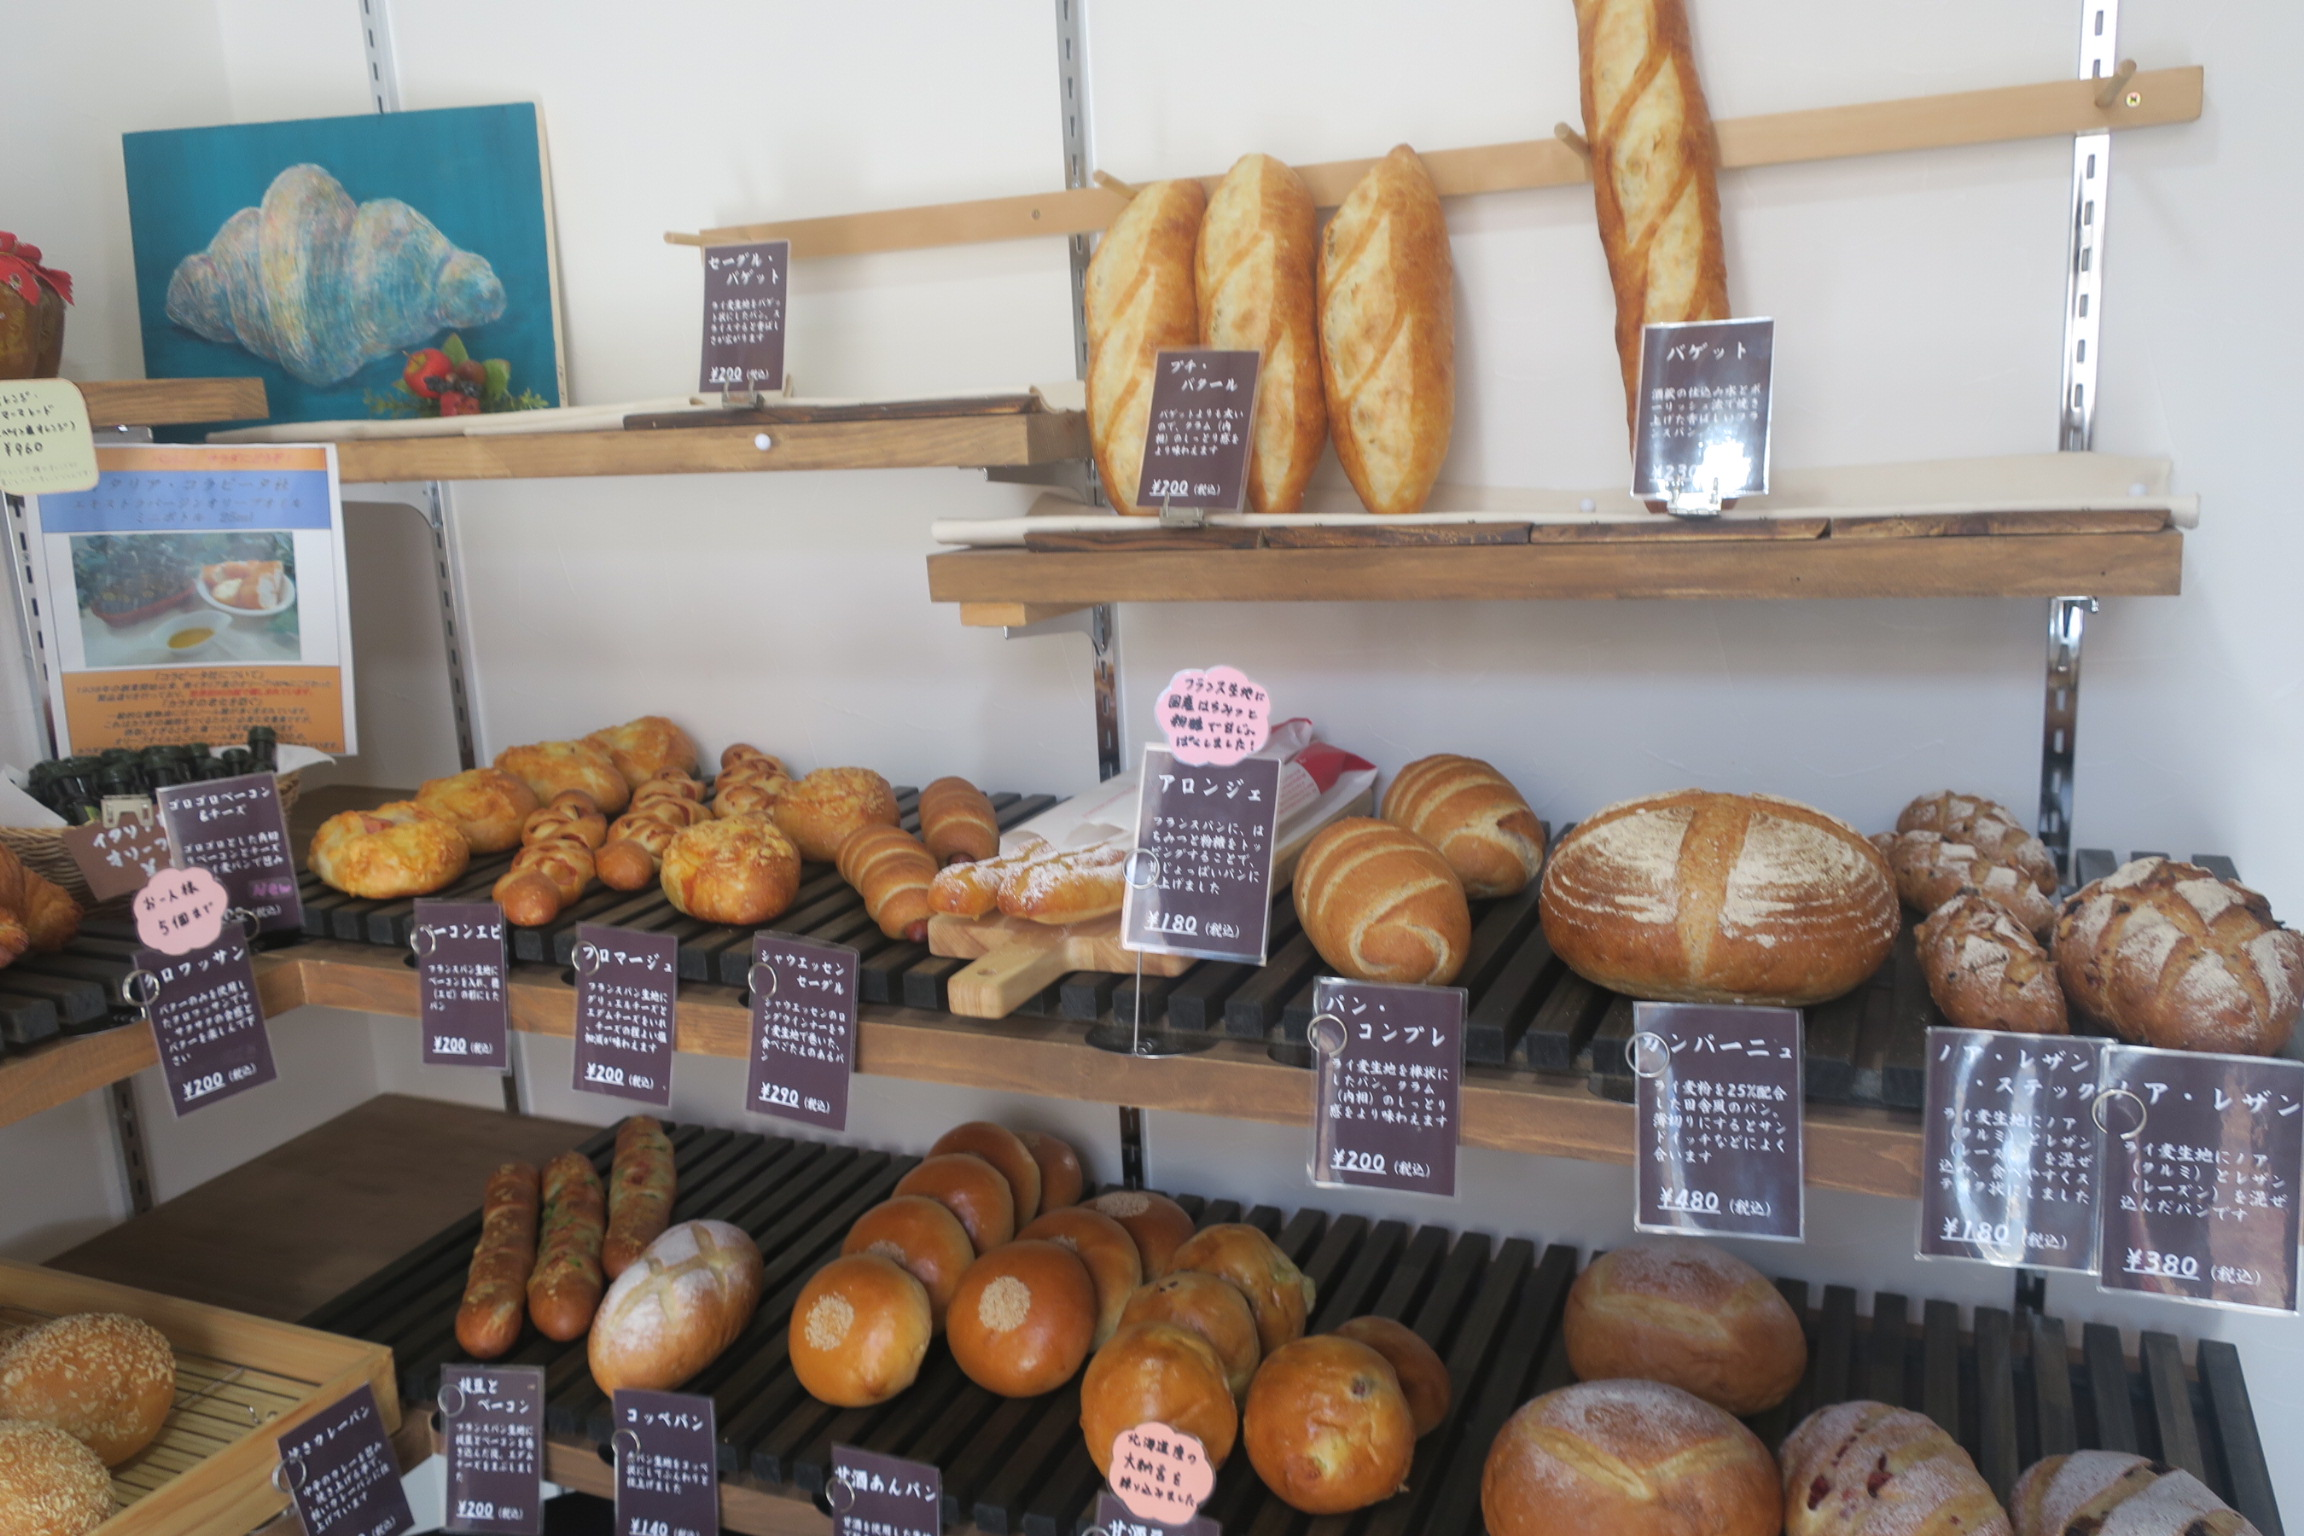 【広島県東広島市】西条の酒蔵通りのパン屋さんcocoron(ココロン)に行ってきたよ。昔ながらの平屋に並ぶパンがキレイでおいしい!